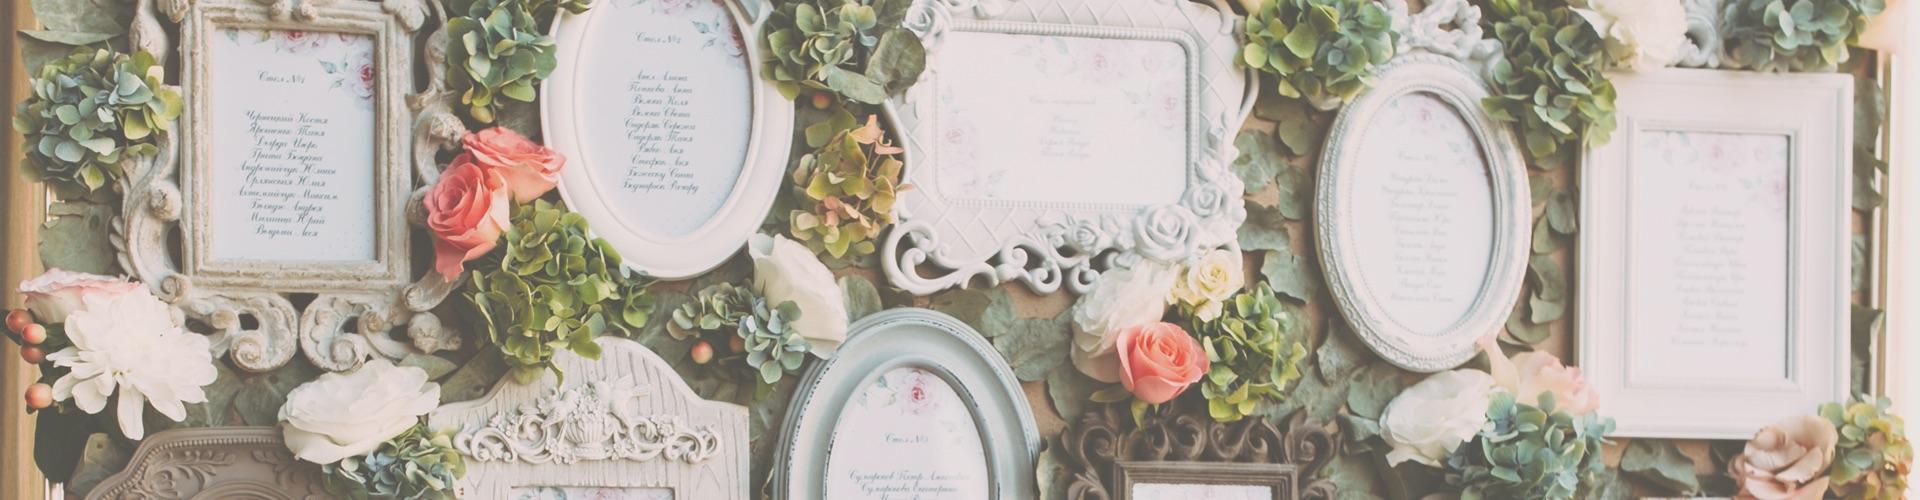 Matrimonio Civile Spiaggia Toscana : Servizi rinaldi eventi wedding planner a firenze